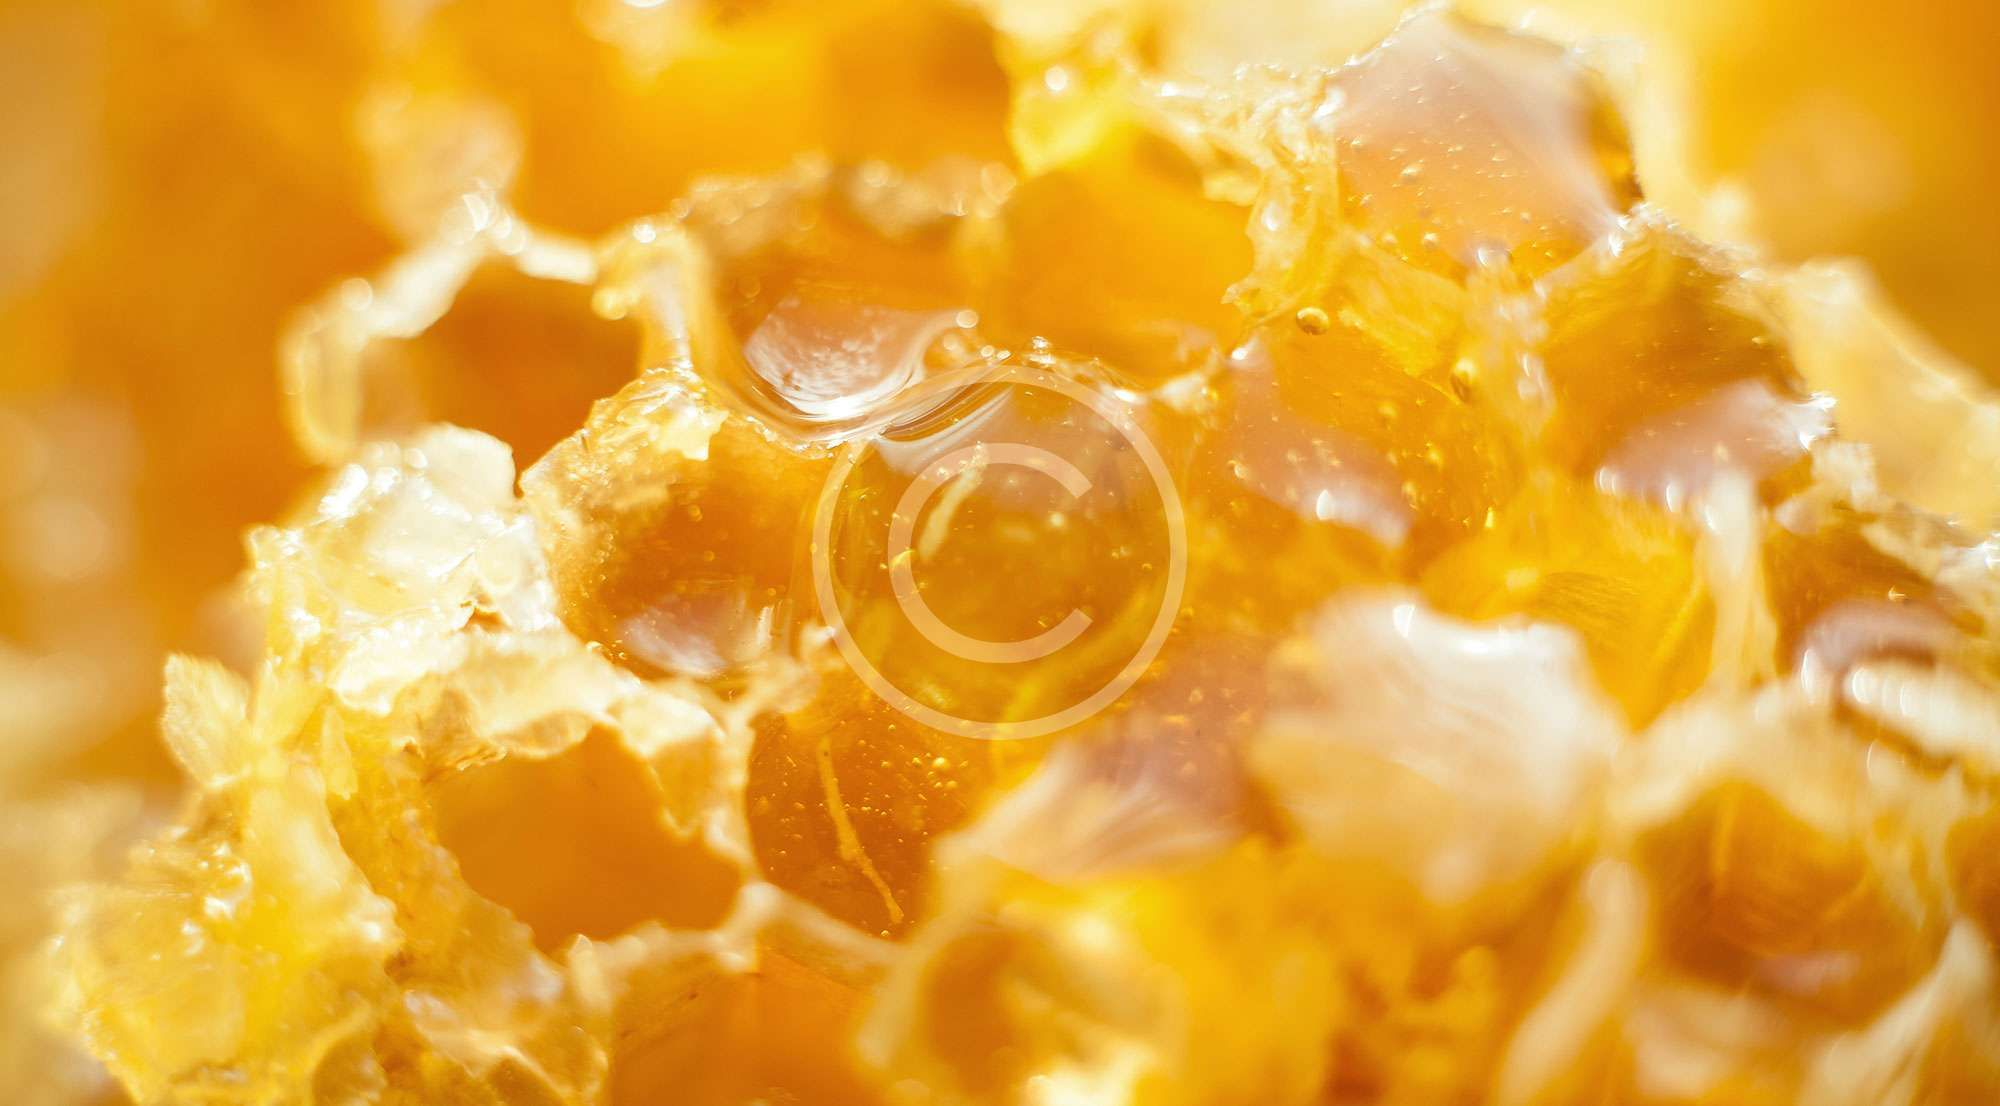 فائدة غذاء ملكات النحل للصحة والاطفال موسوعة Food Matters Food Acacia Honey